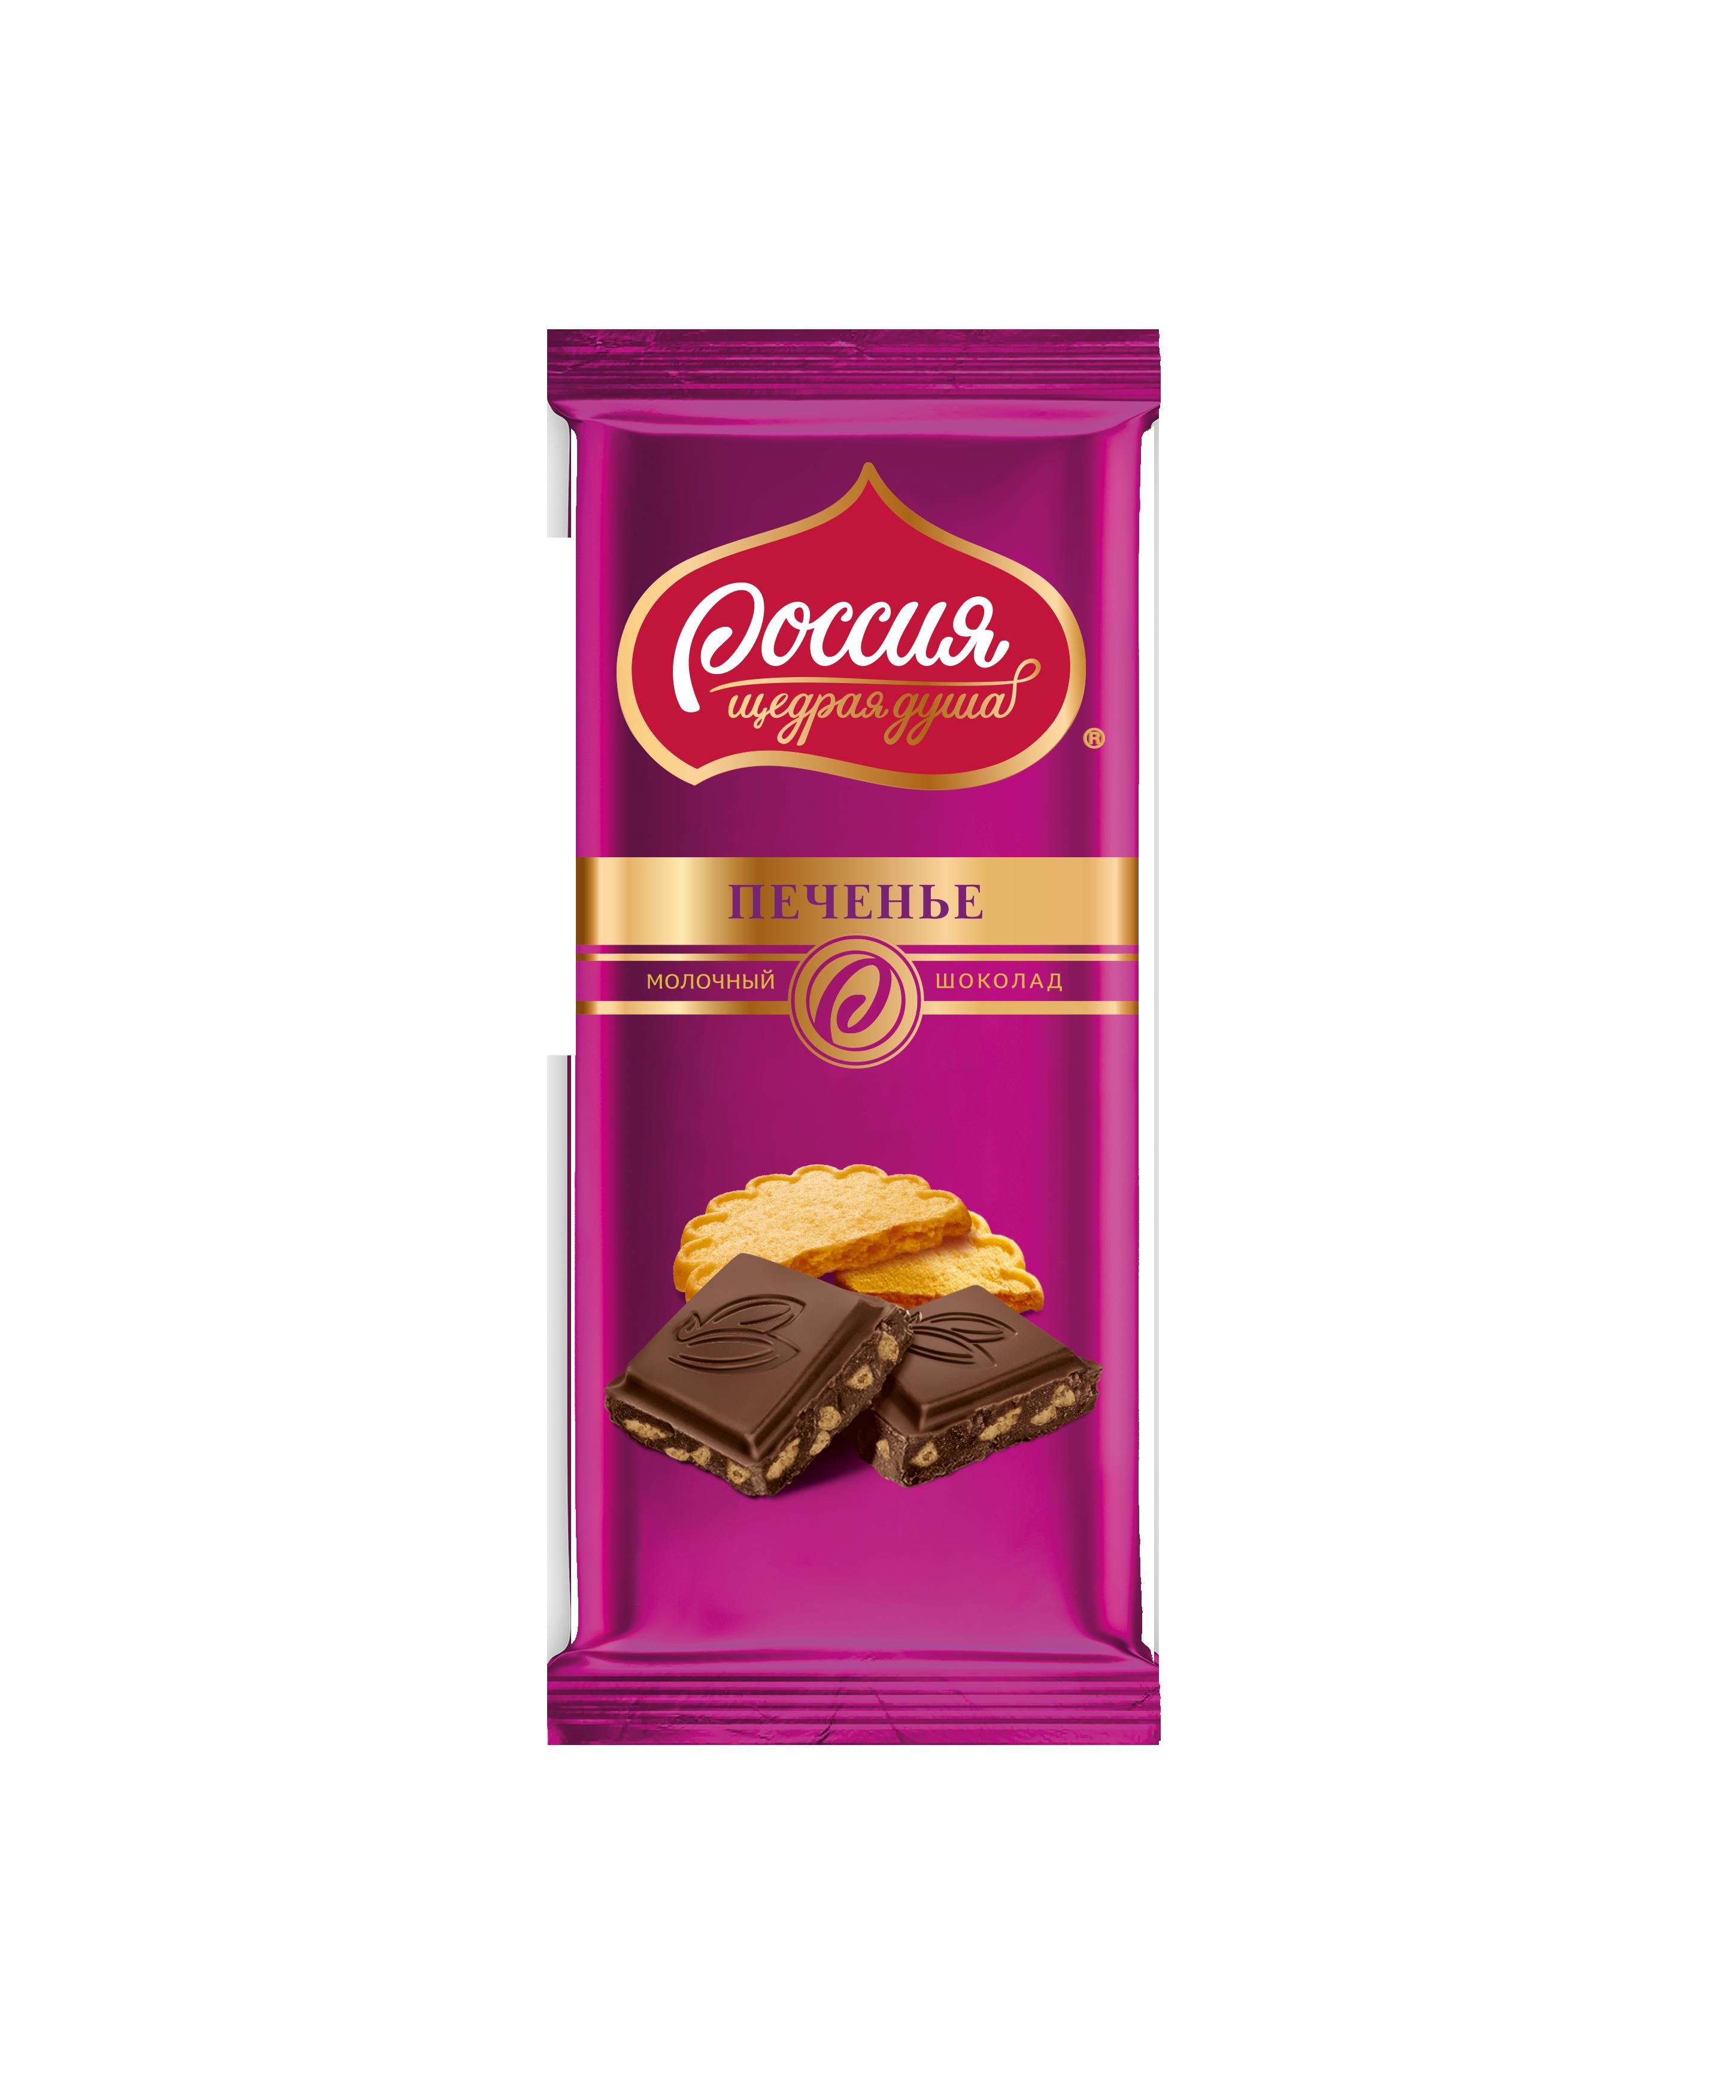 Шоколад Россия молочный хрустящее печенье 90 г